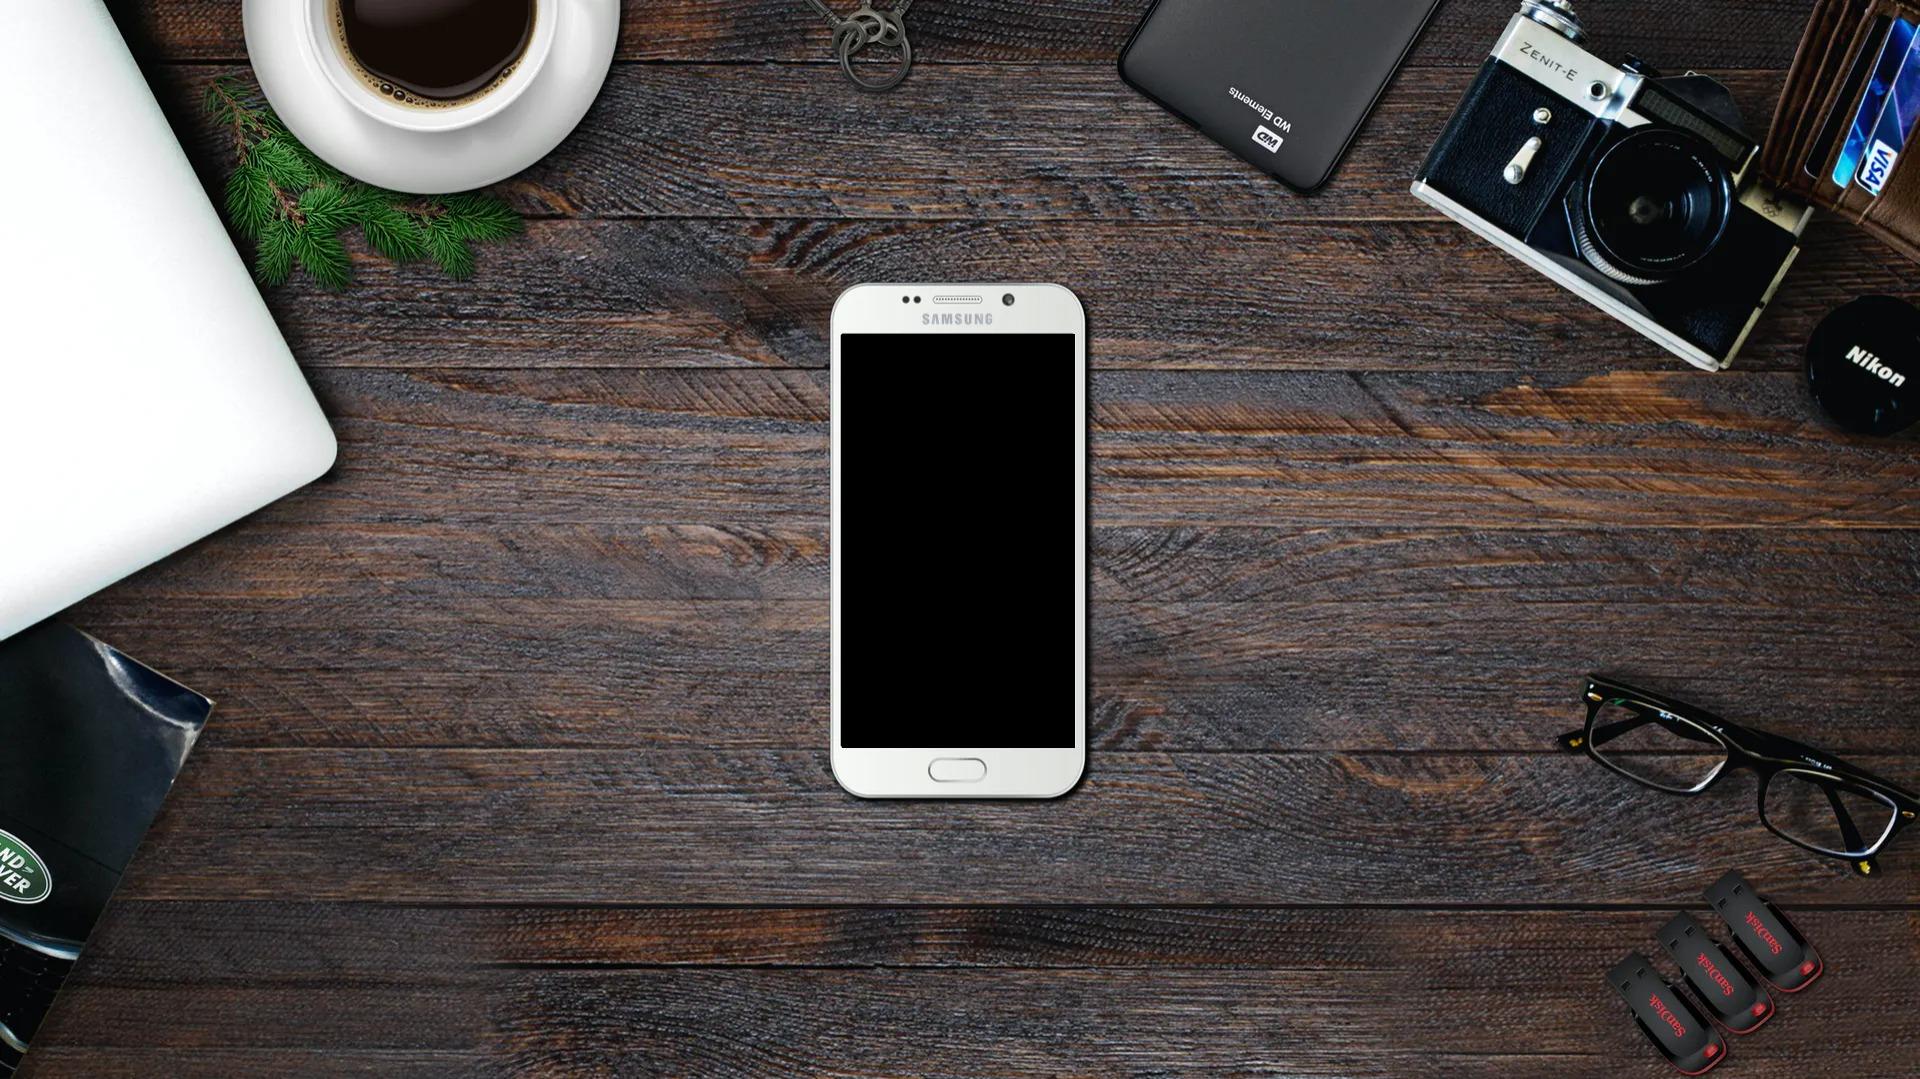 حل مشكلة الشاشة السوداء على الأندرويد